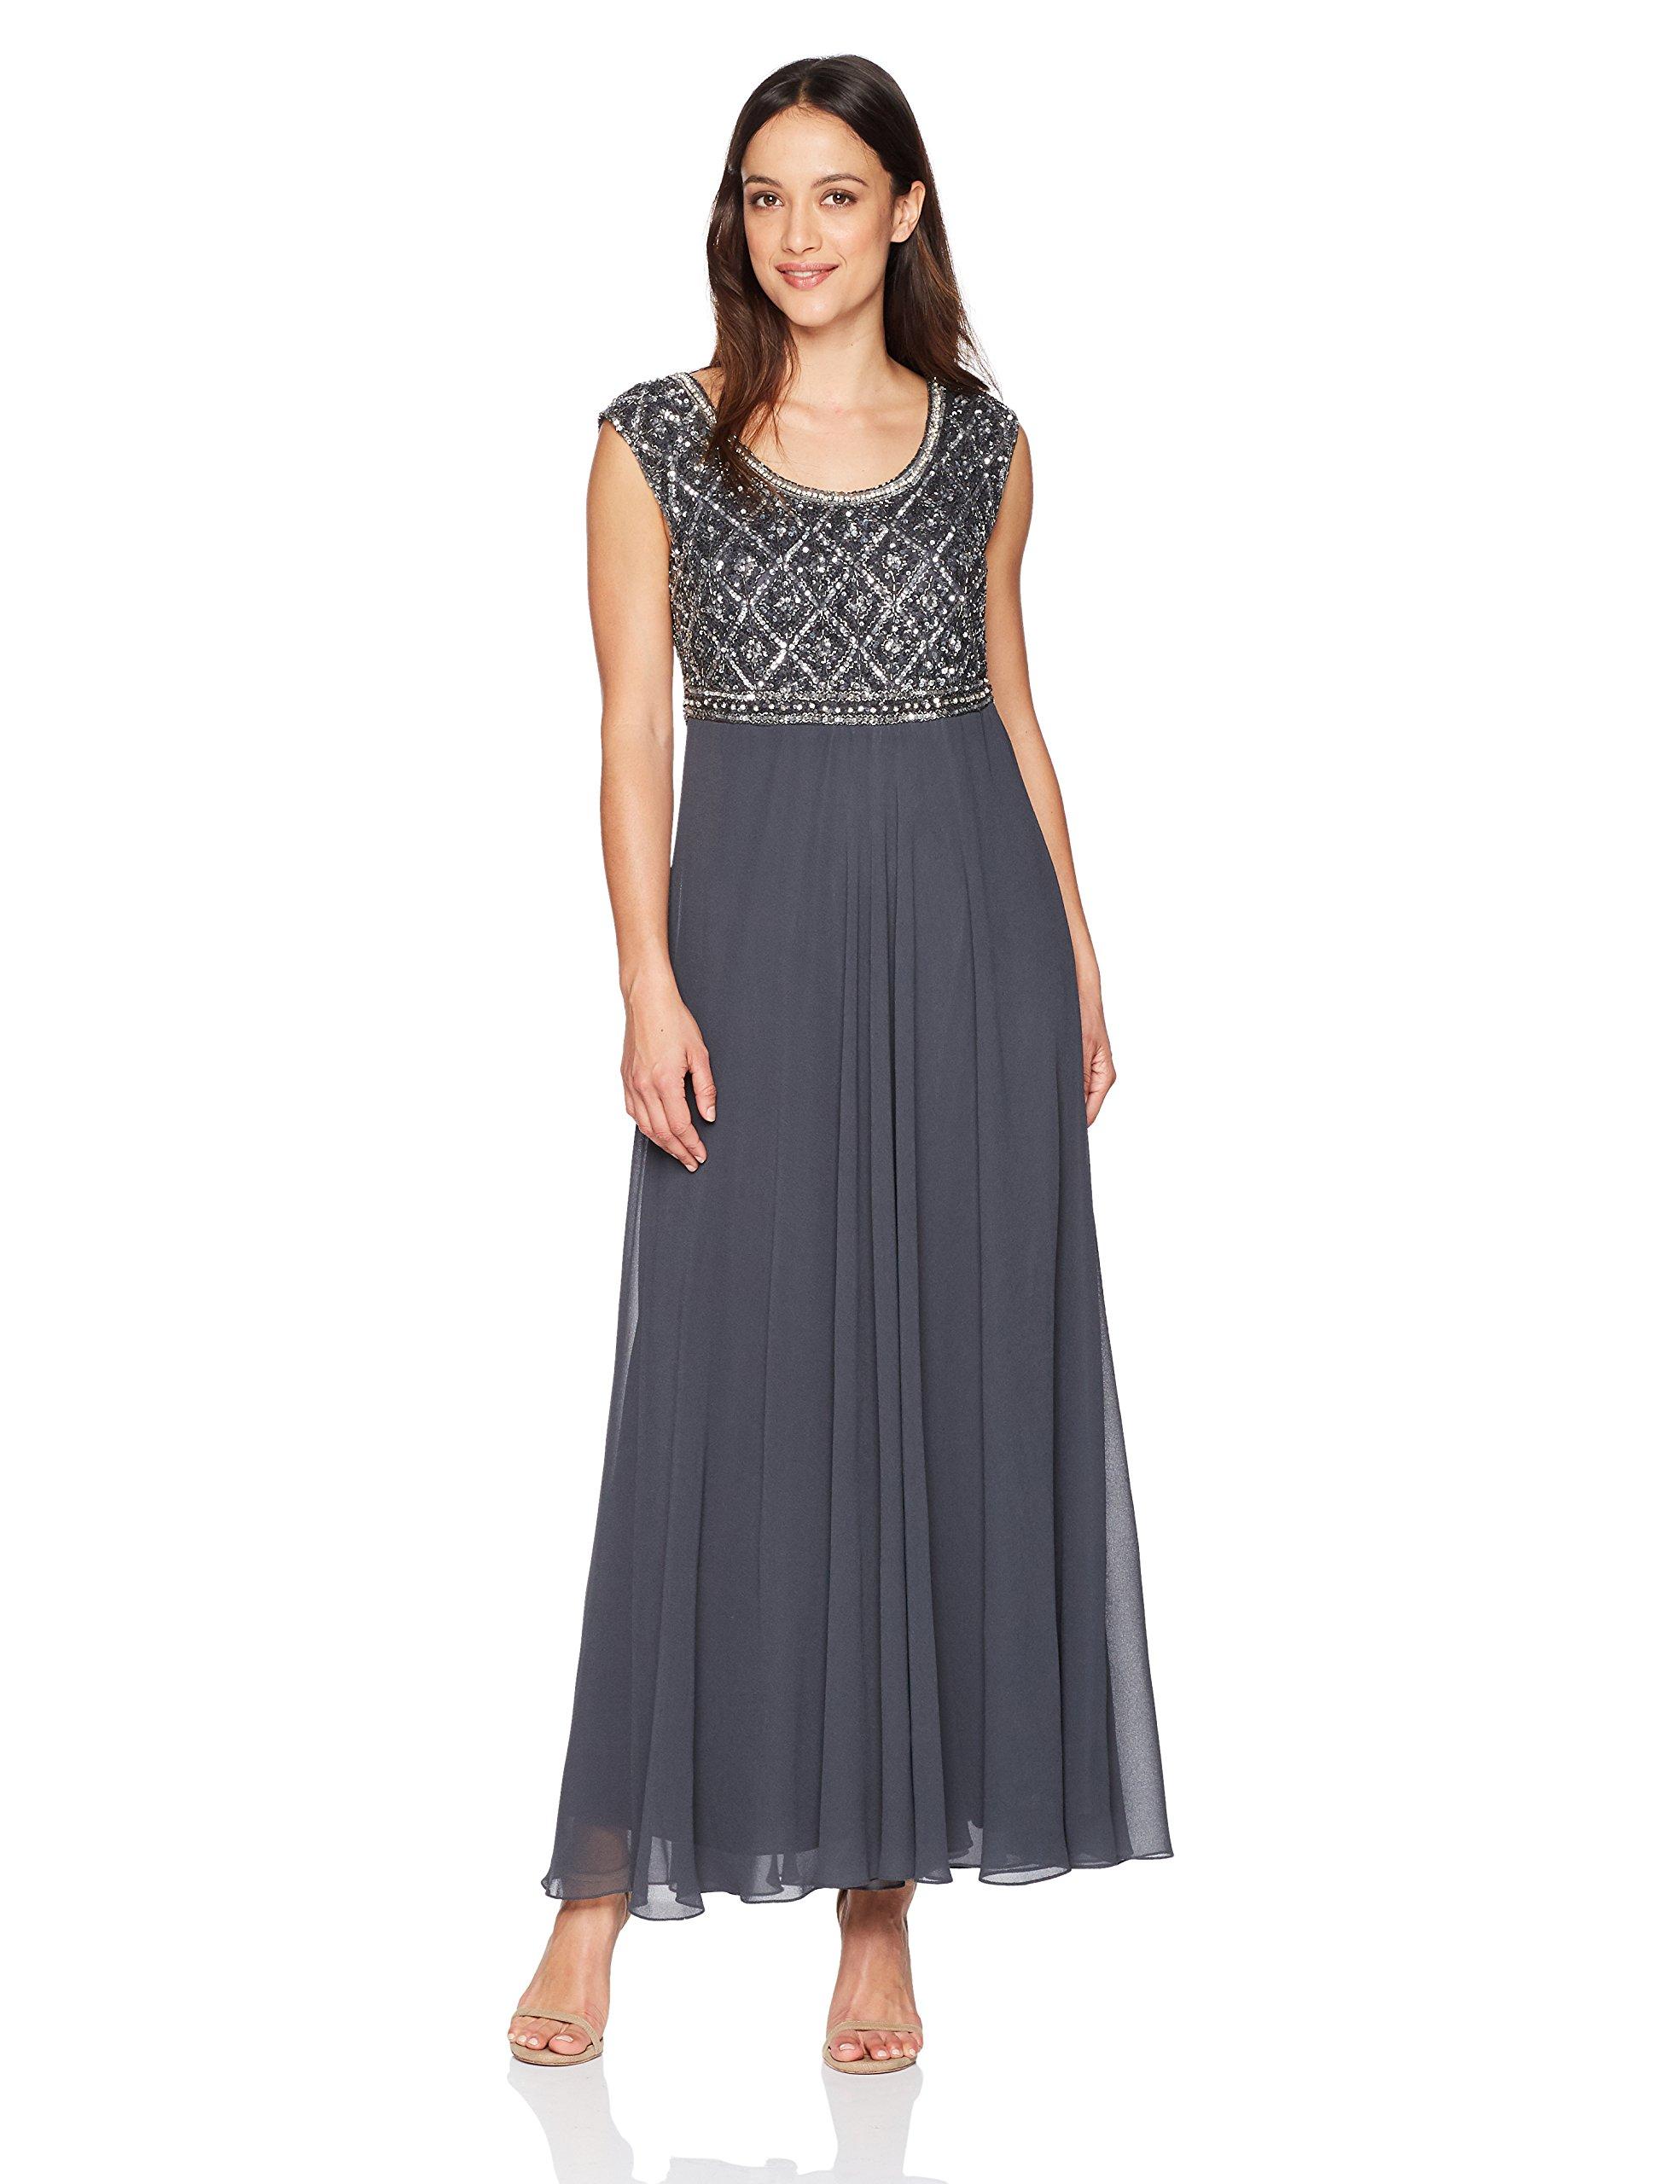 Petite Short Sleeve Beaded Top Long Dress